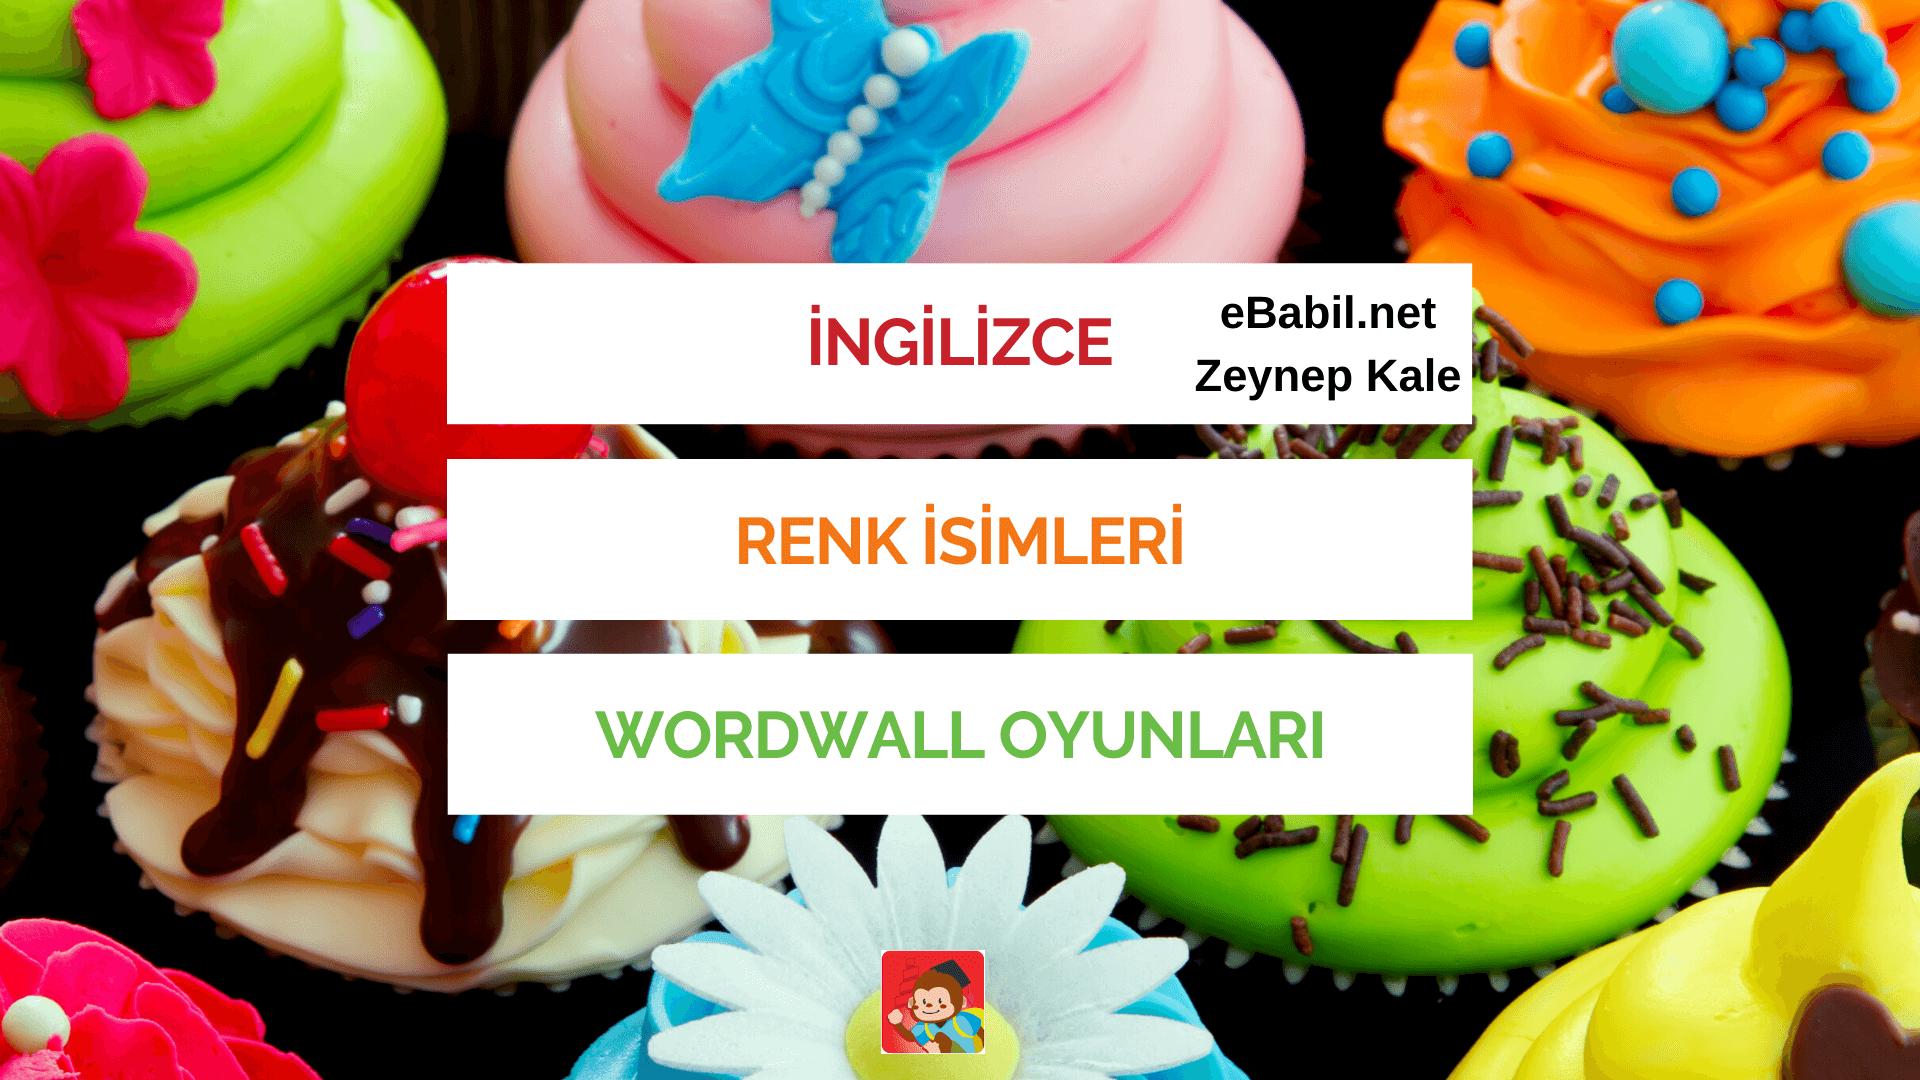 İngilizce Renk İsimleri Wordwall Kelime Oyunları